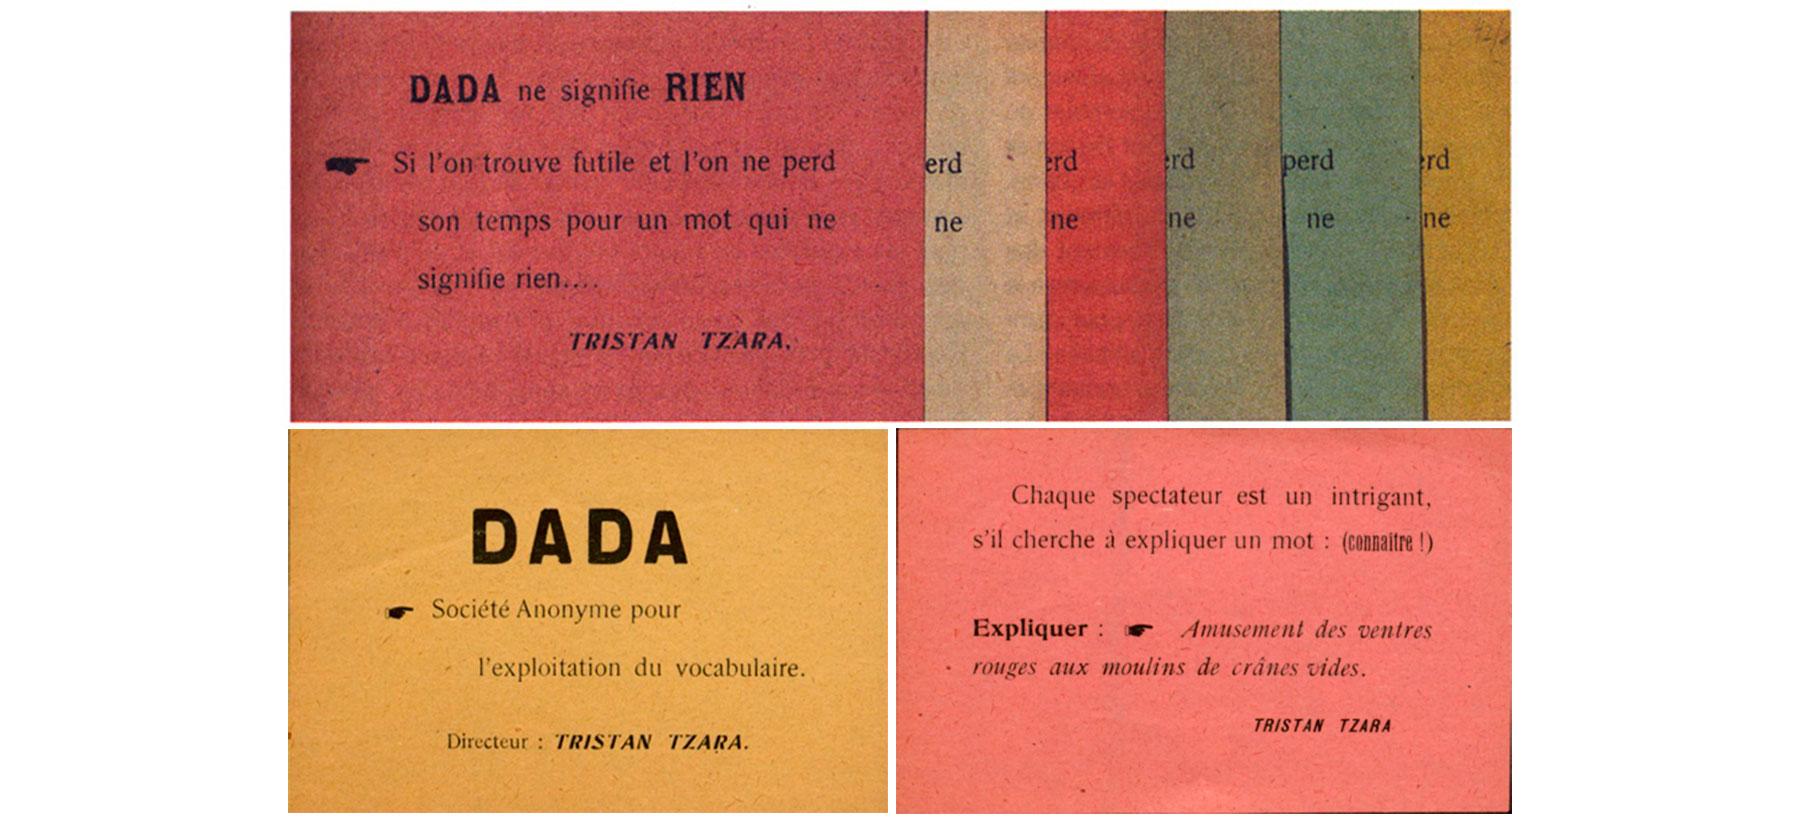 Tristan-Tzara-Papillons-Dada